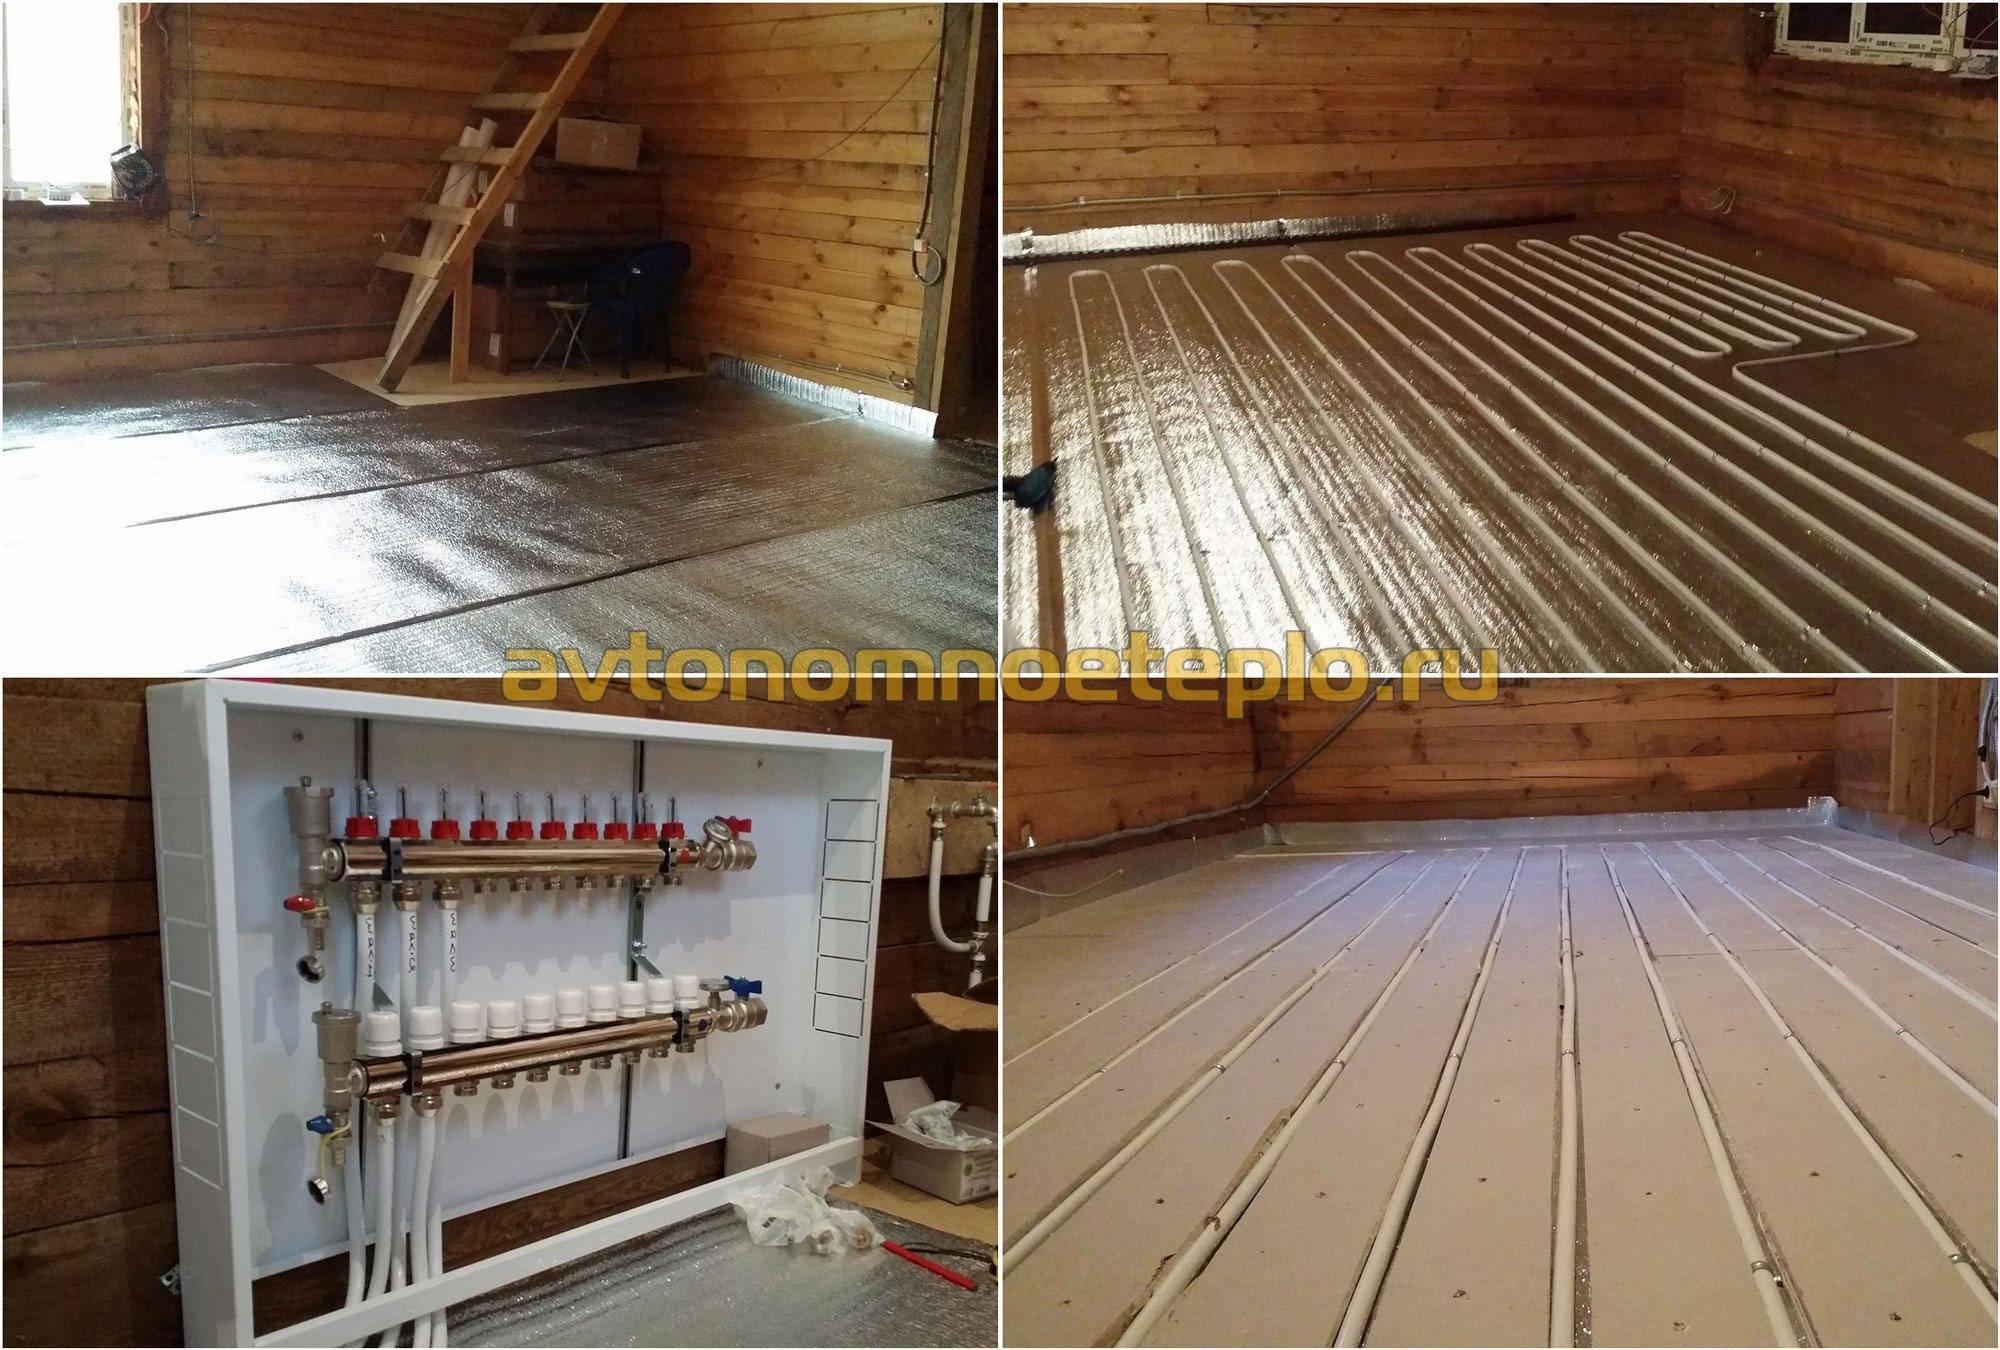 Теплый пол в деревянном доме: как сделать напольное покрытие без стяжки в частном доме и на даче, конструкция с перекрытиями